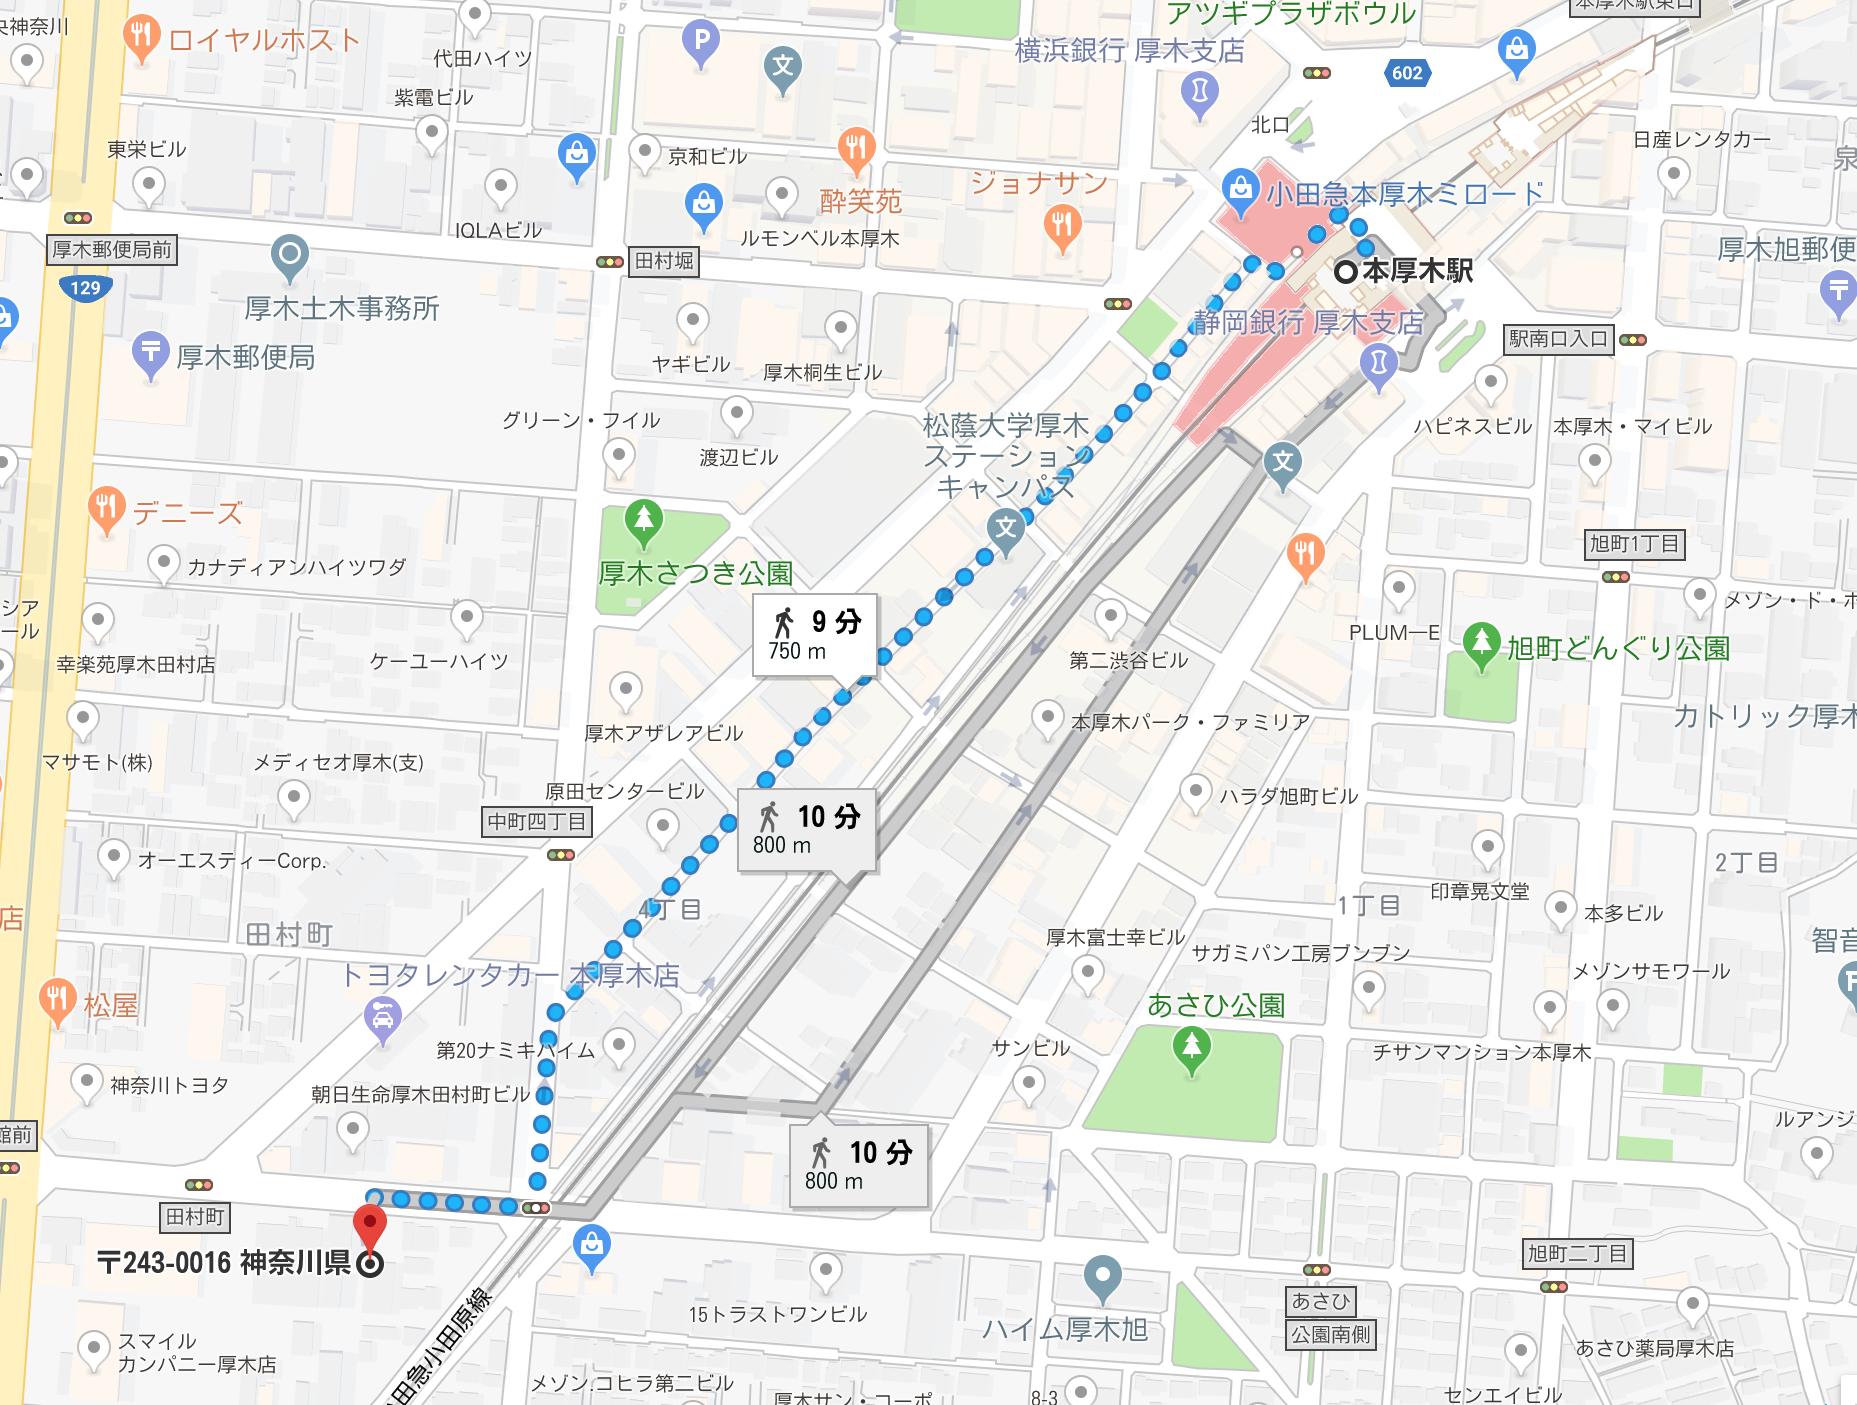 海老名駅から徒歩の場合